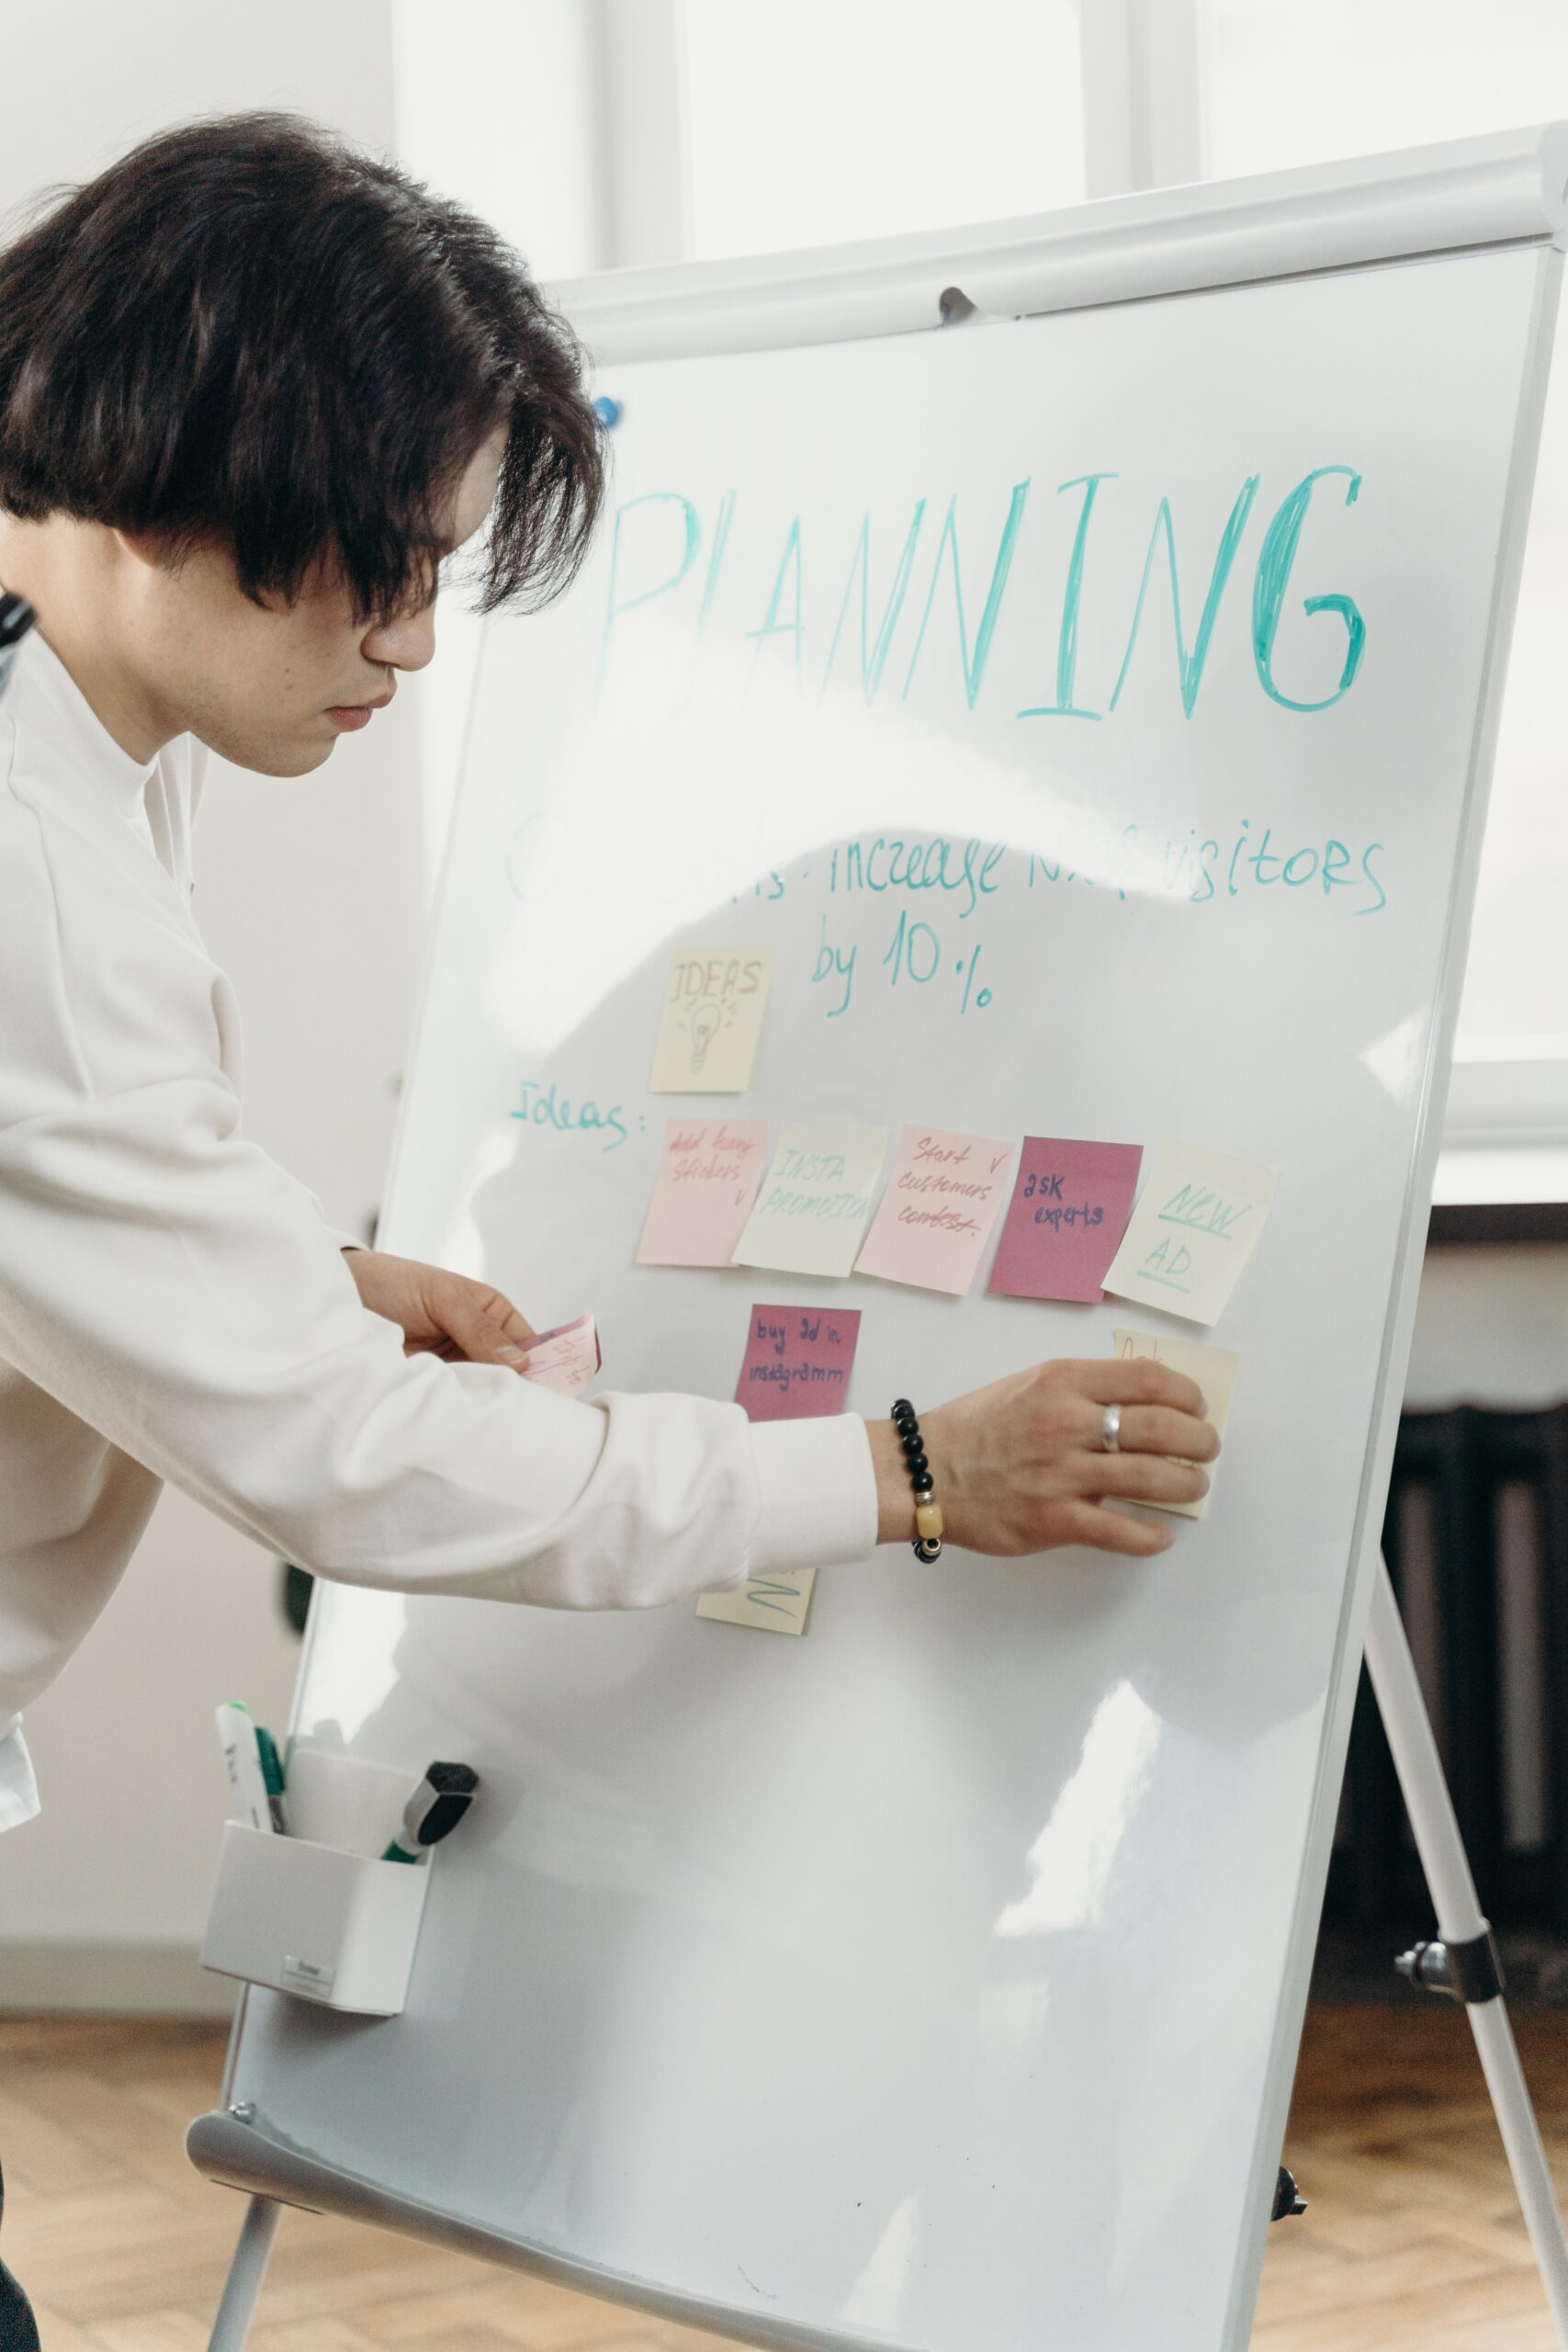 Facility Management, la disciplina aziendale che coordina lo spazio fisico di lavoro con le risorse umane e l'attività propria dell'azienda